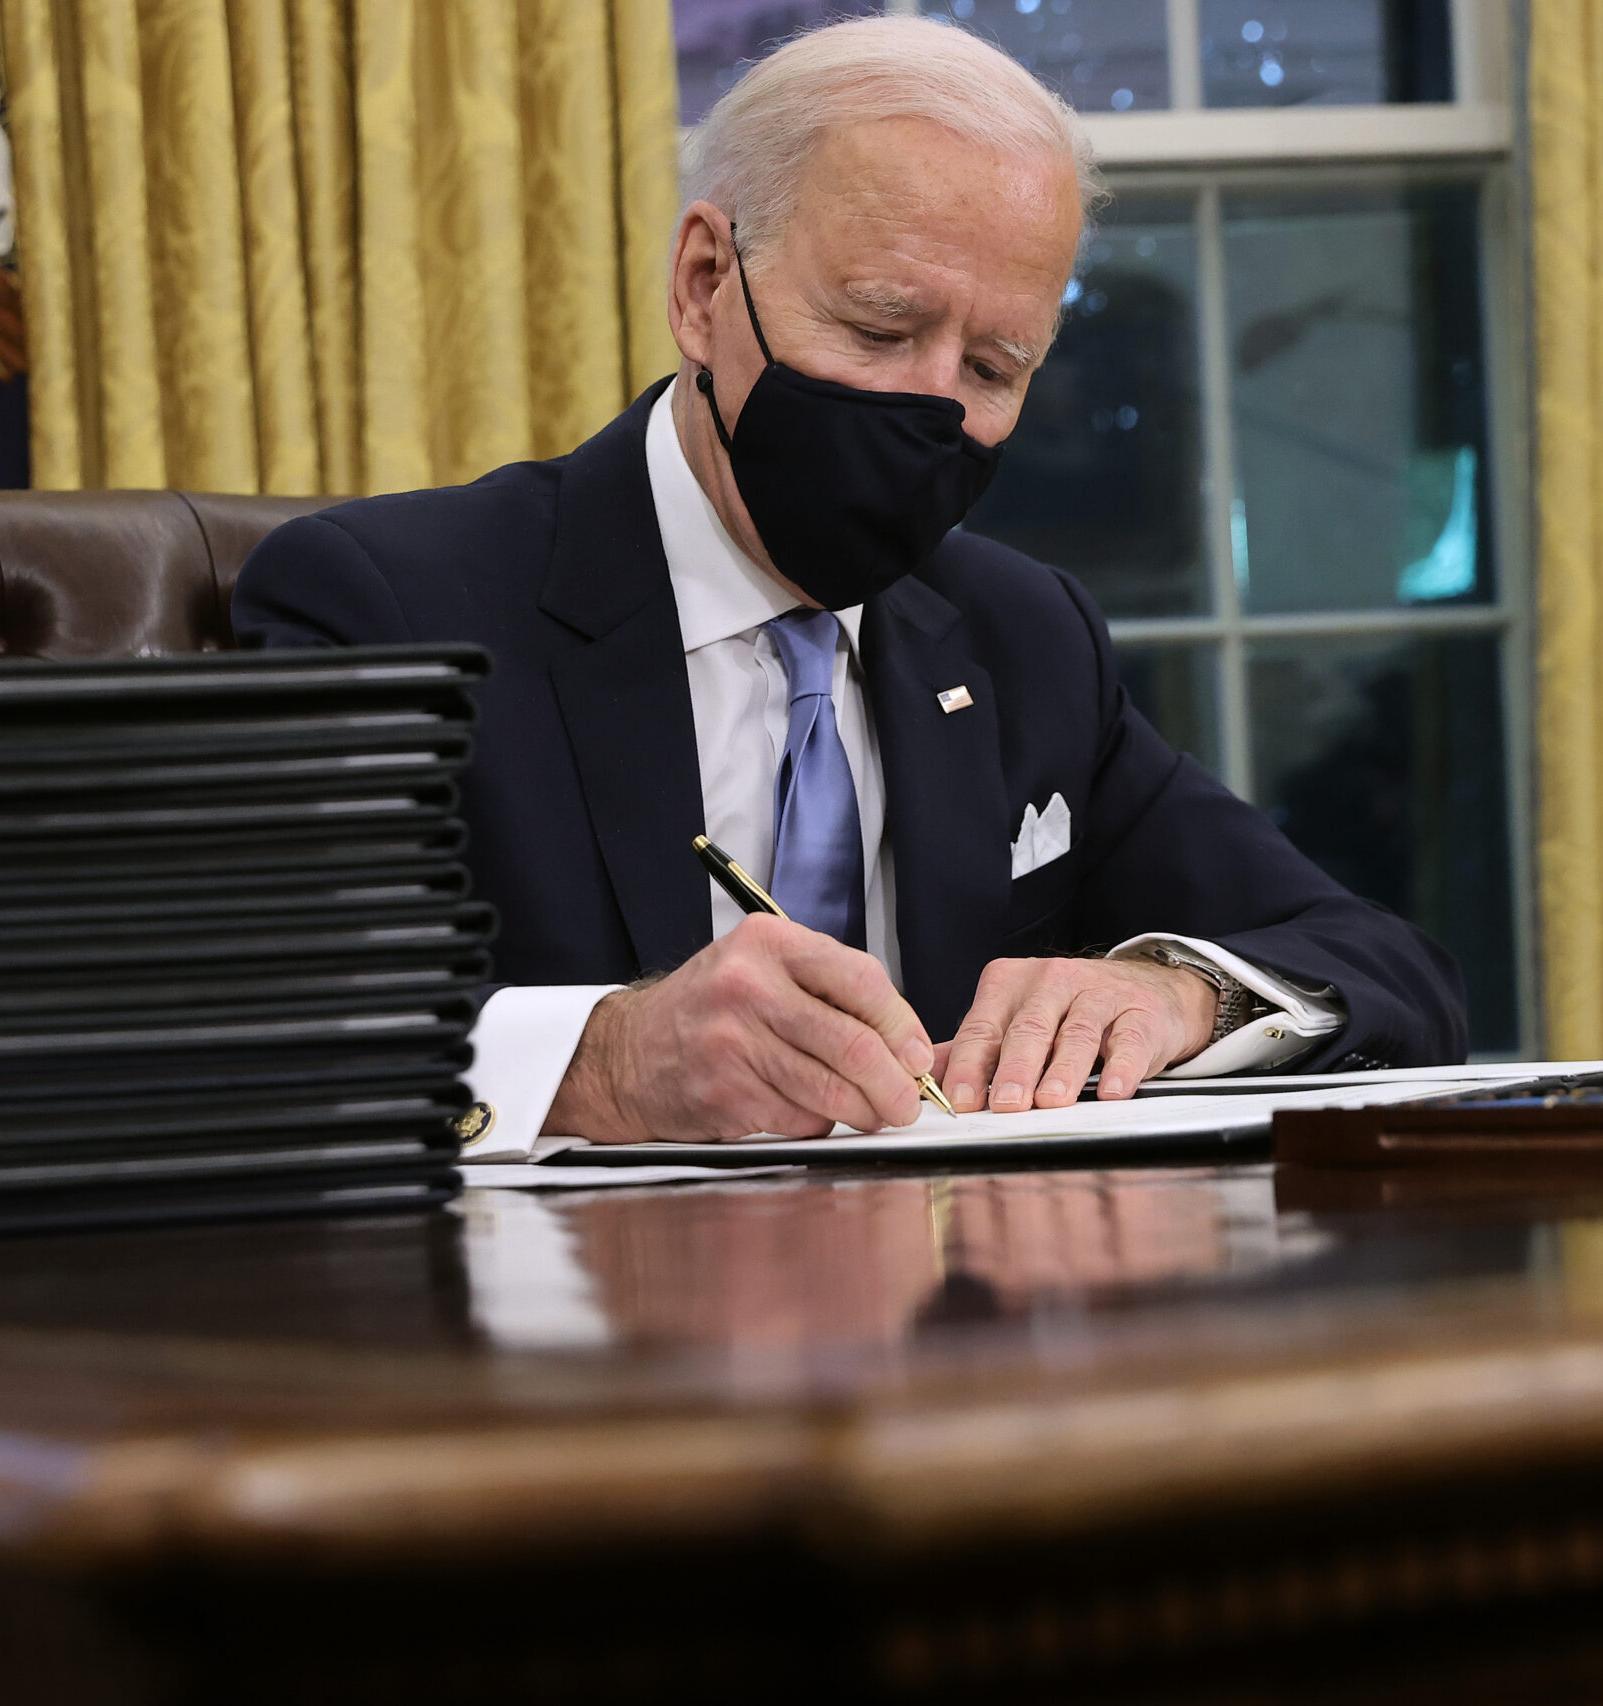 Байден подписал указ о возвращении США в Парижское соглашение по климату